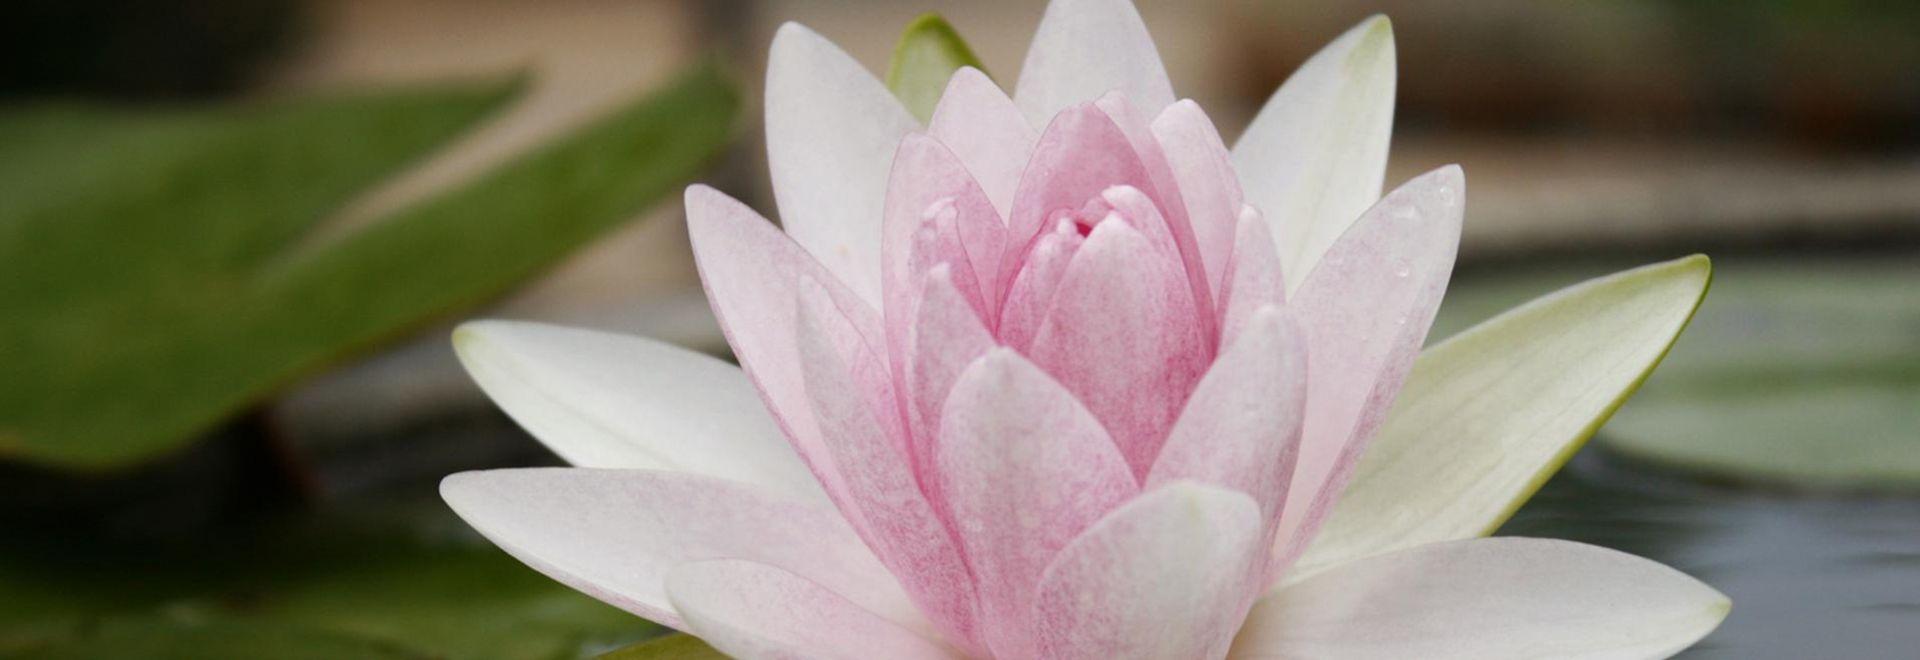 Lotusblüten sind in vielfältigen Farbgebungen zu finden.